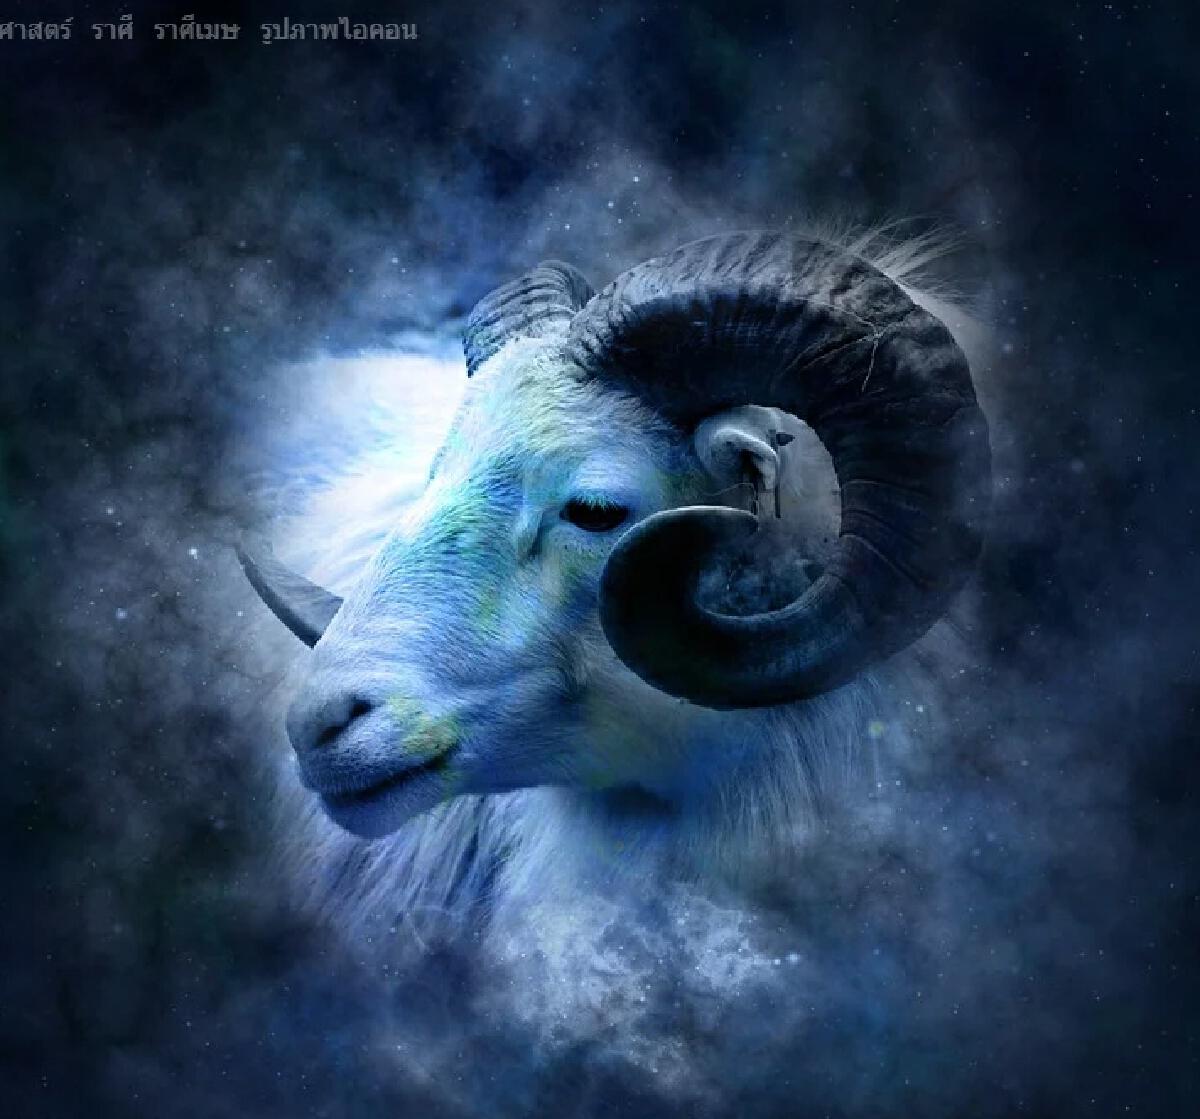 4 ราศี มีเกณฑ์ได้รับโชคลาภก้อนโต จากความฝัน - สิ่งศักดิ์สิทธิ์